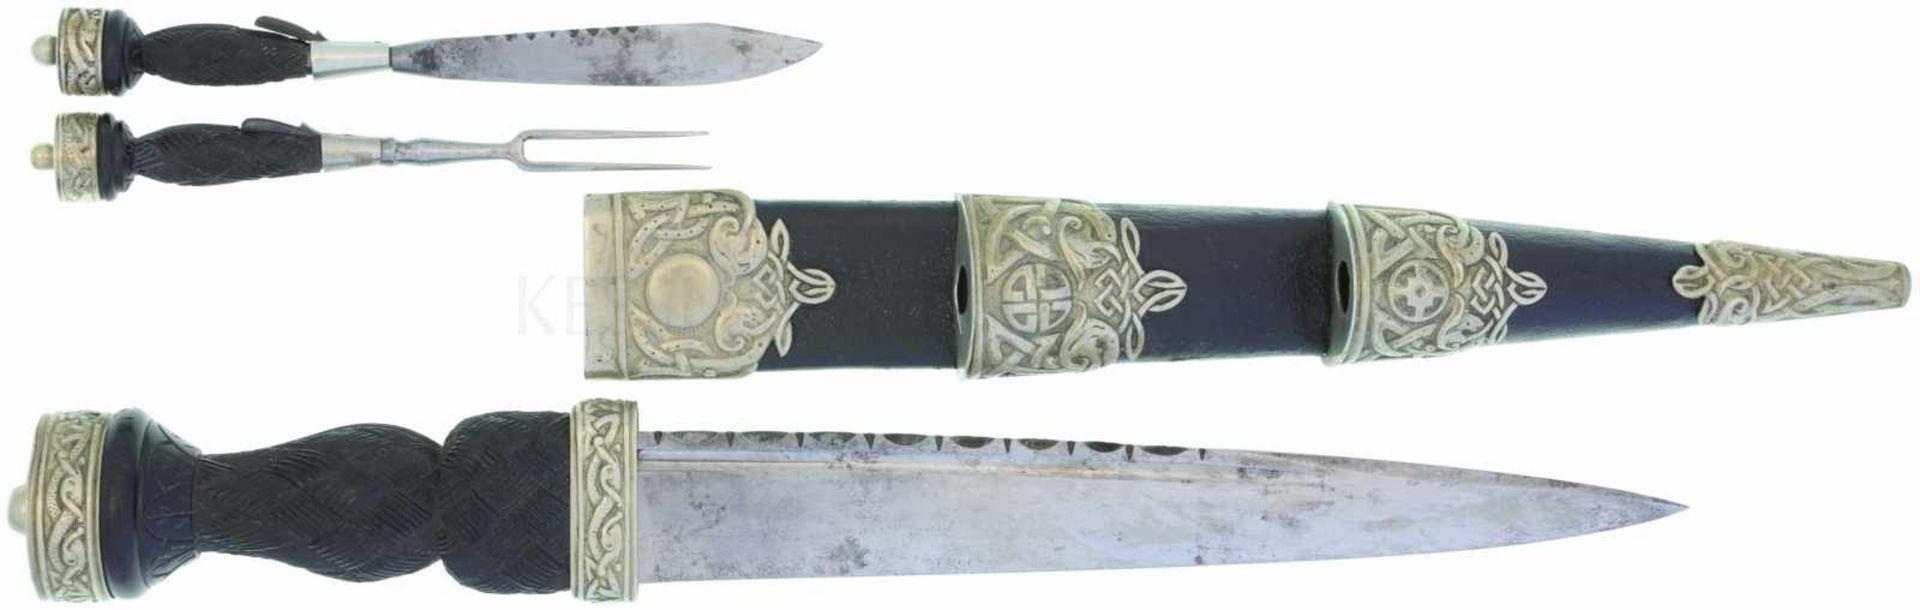 Schottischer Highlander-Dolch KL 256mm, TL 390mm, einseitig geschliffene Klinge mit Hohlbahn, Rücken